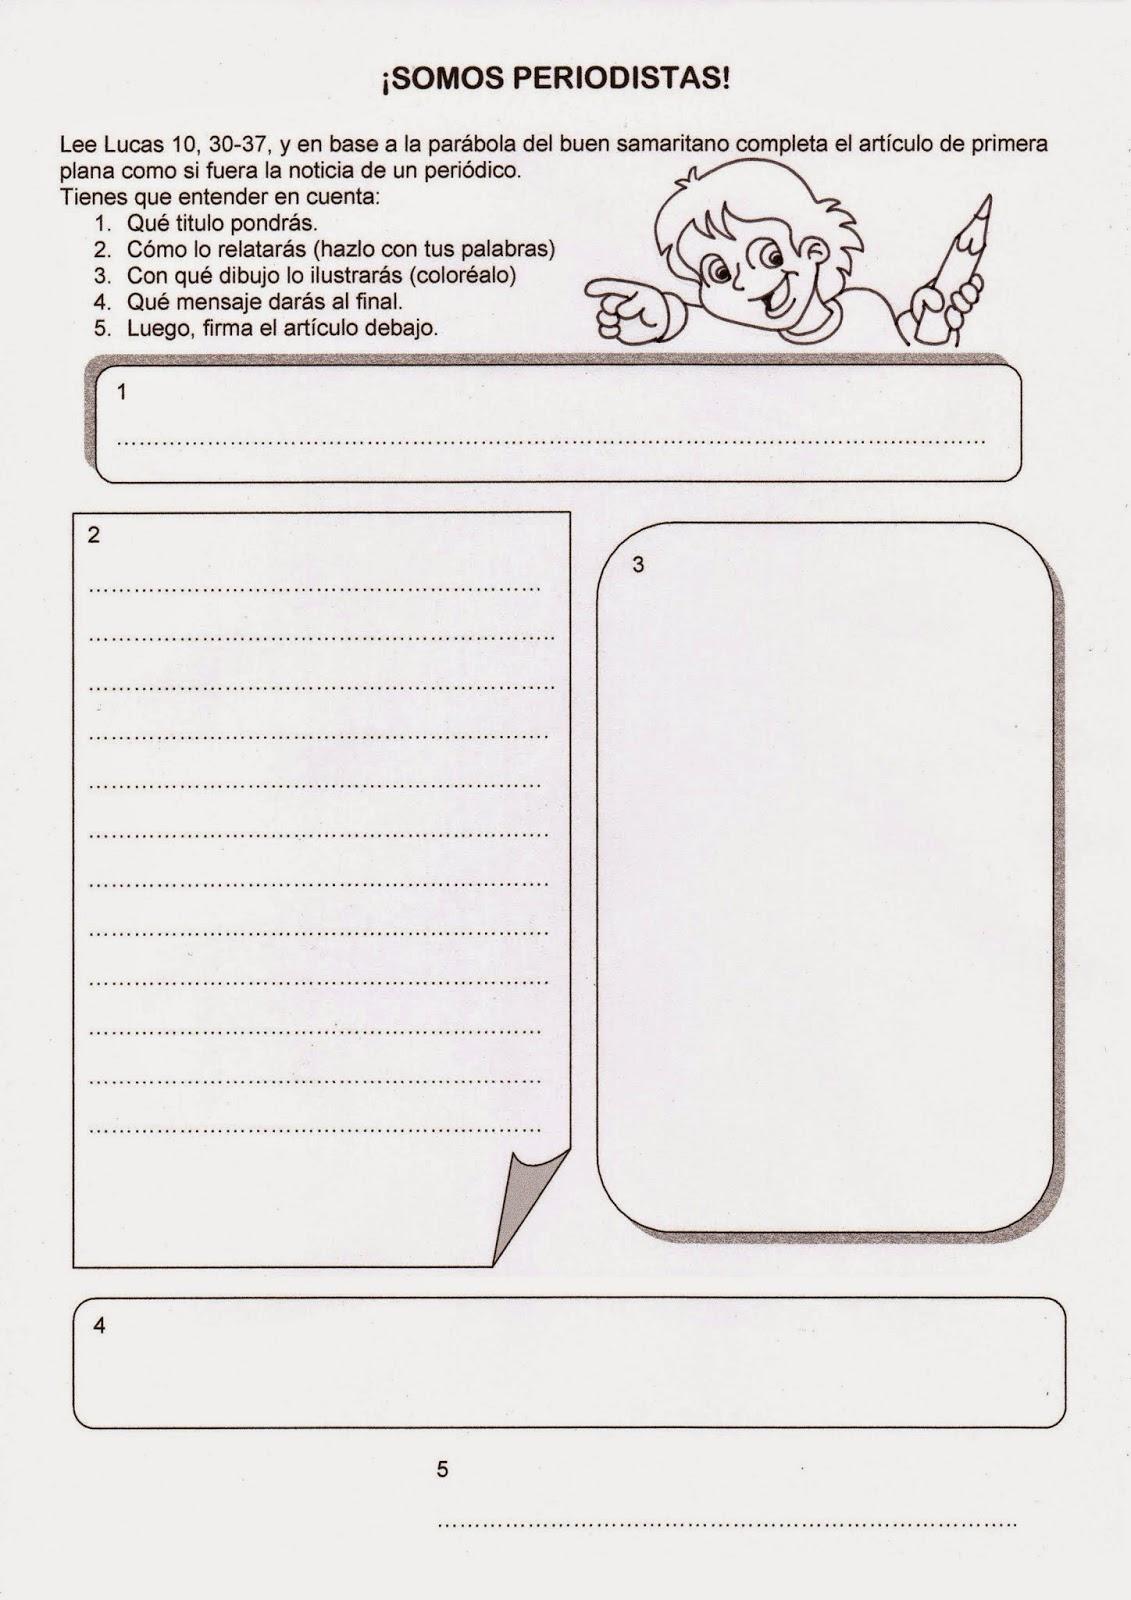 Dibujos para catequesis PARBOLA DEL BUEN SAMARITANO 2